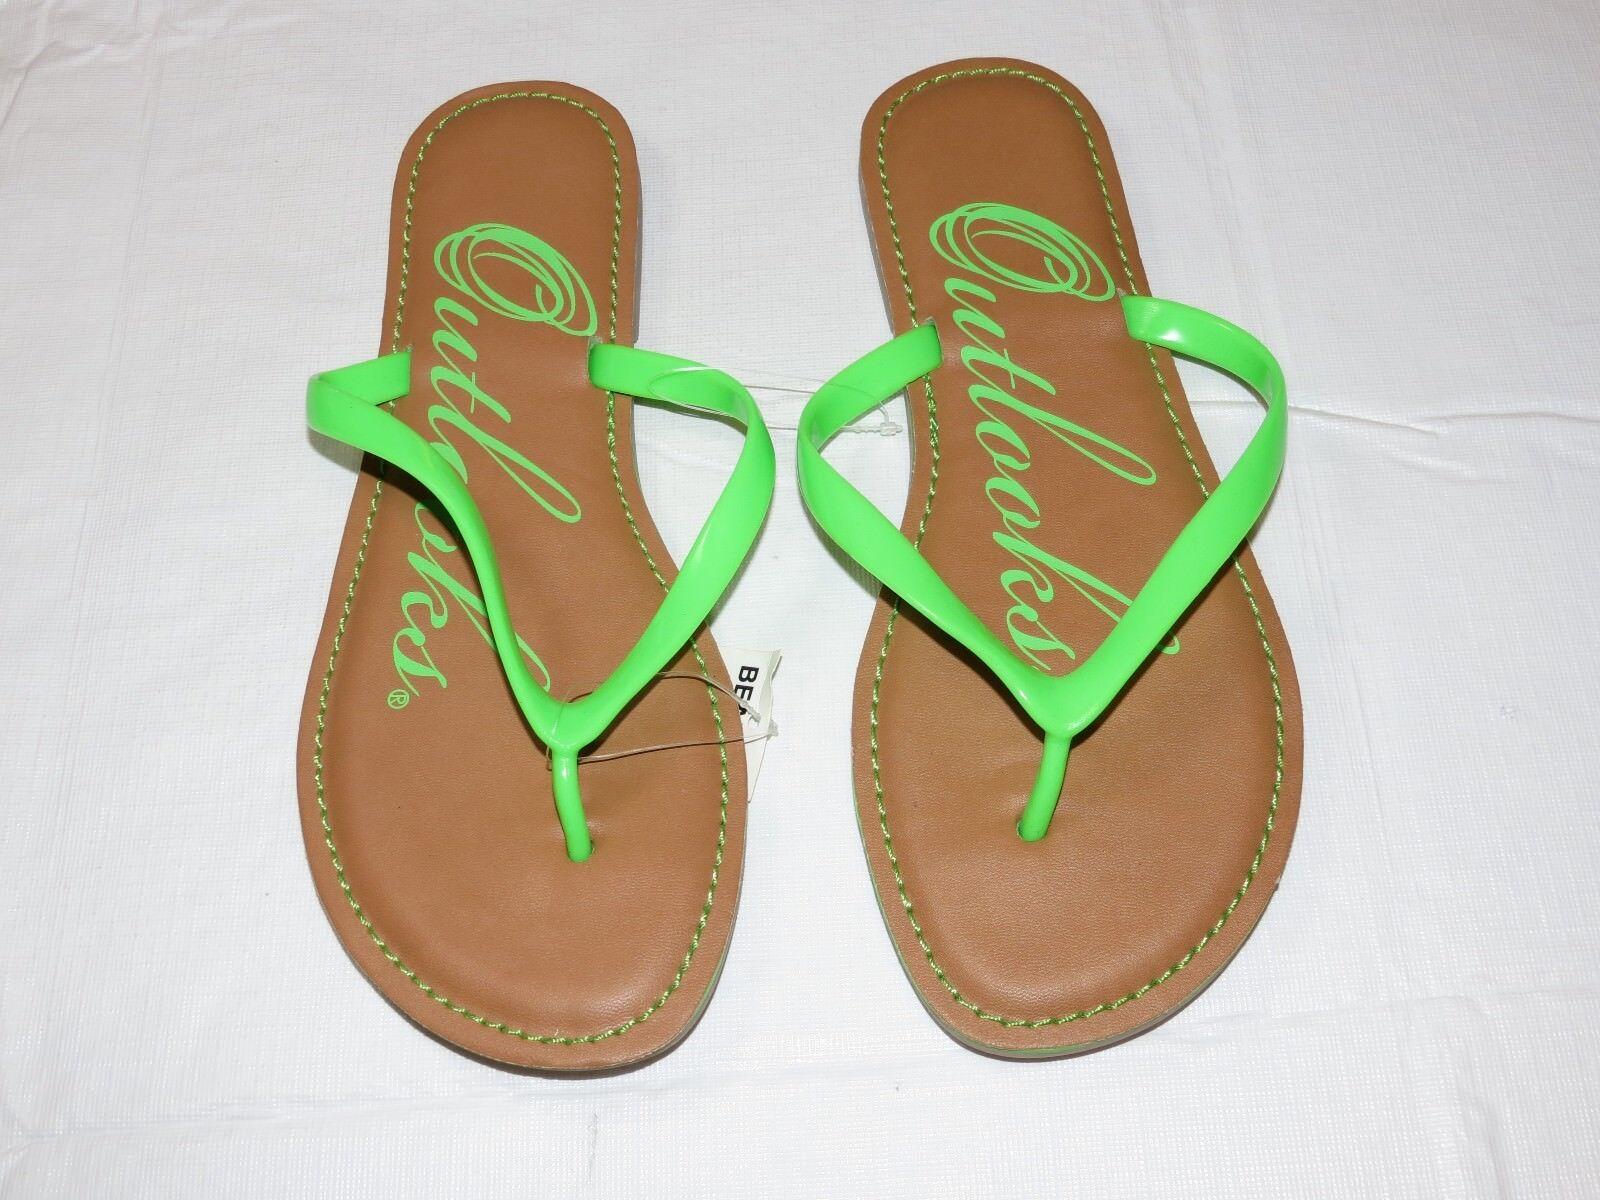 Outlooks Damen Zehentrenner Sandalen Limettengrün Hellbraun Beach Damen 7M 7 ^^^